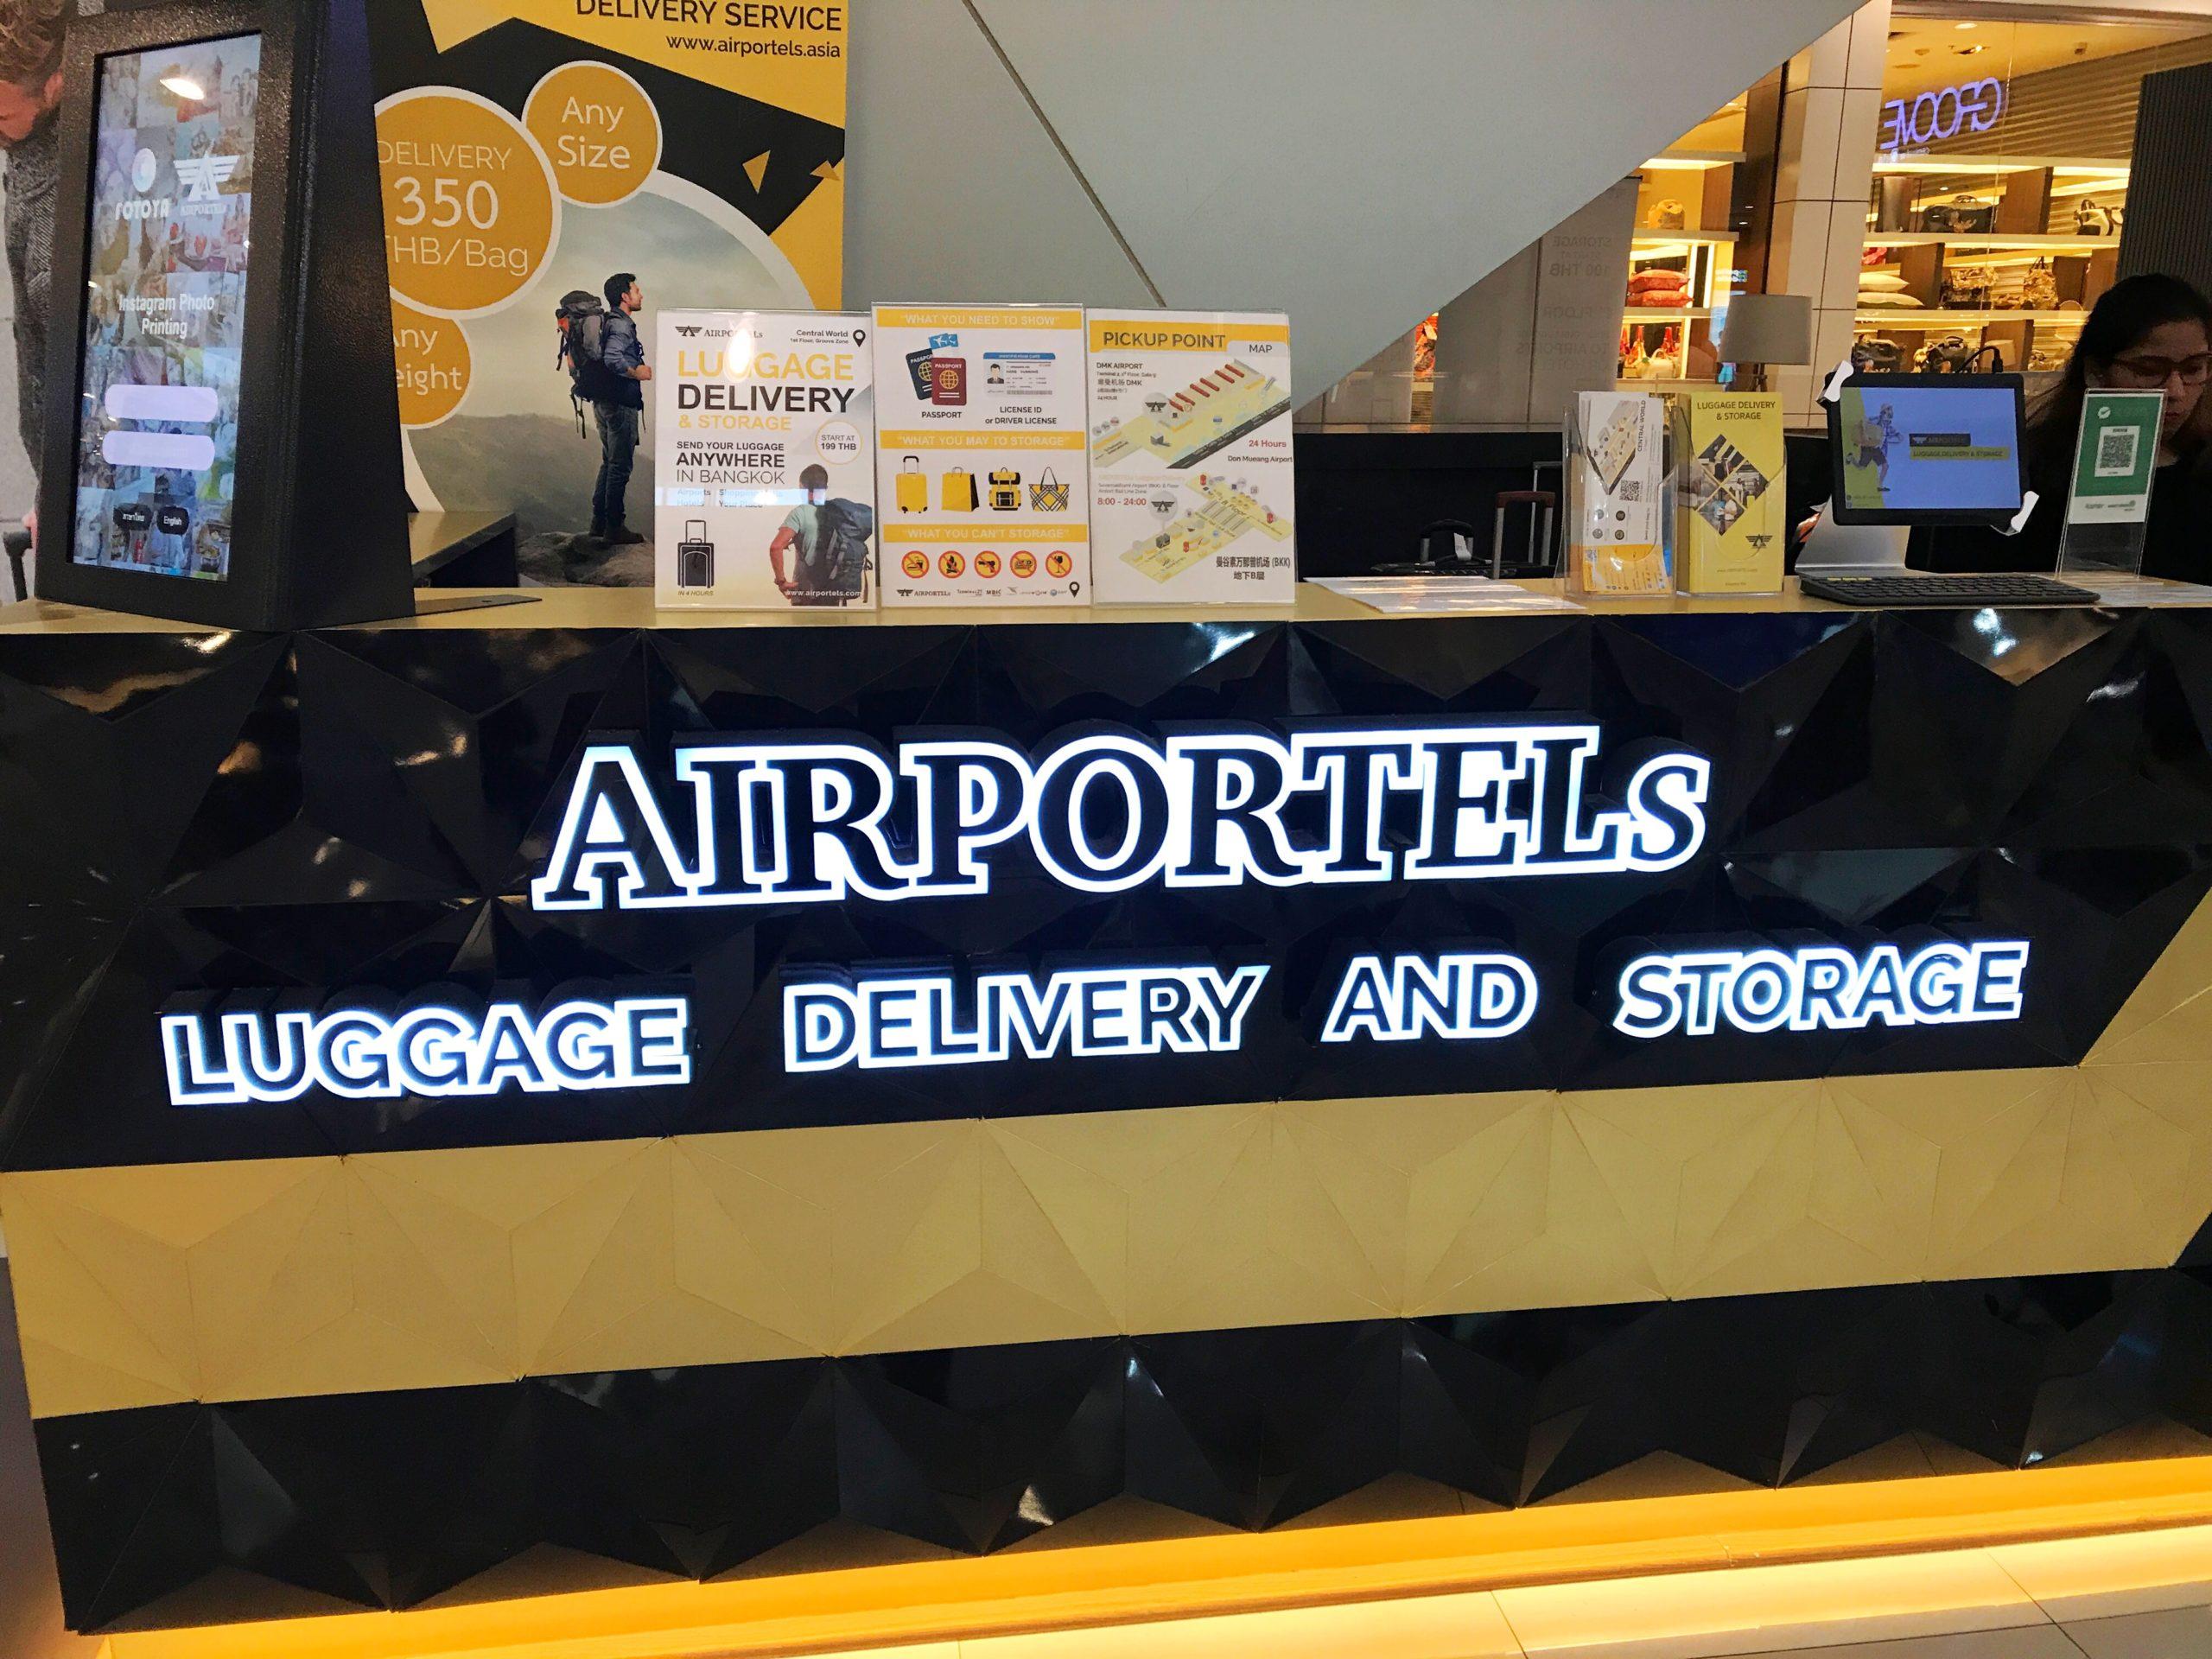 【バンコク】【セントラルワールド】空港配送サービス、荷物預かり所